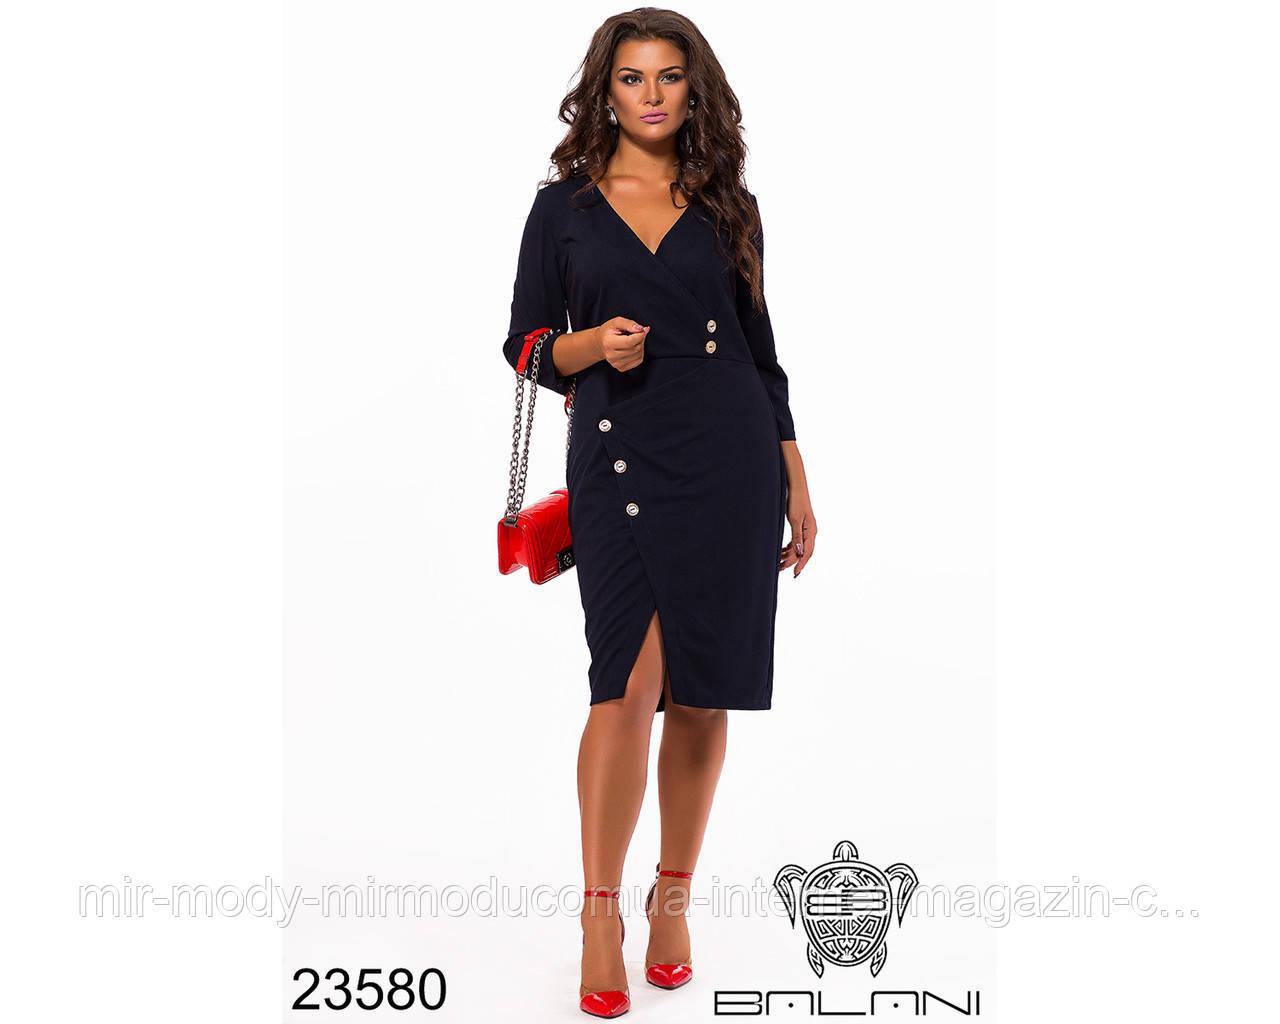 Деловое платье- 23580 с 48 по 52 размер (бн)